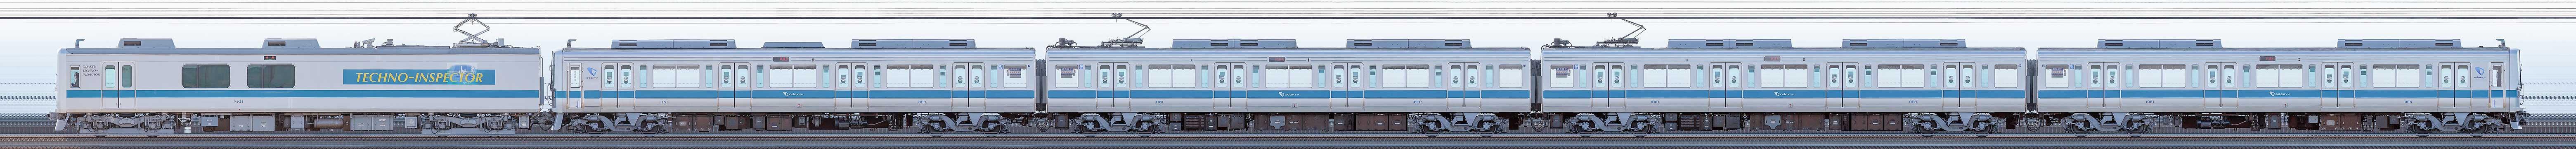 小田急1000形1051×4+クヤ31「テクノインスペクター」(海側)の編成サイドビュー